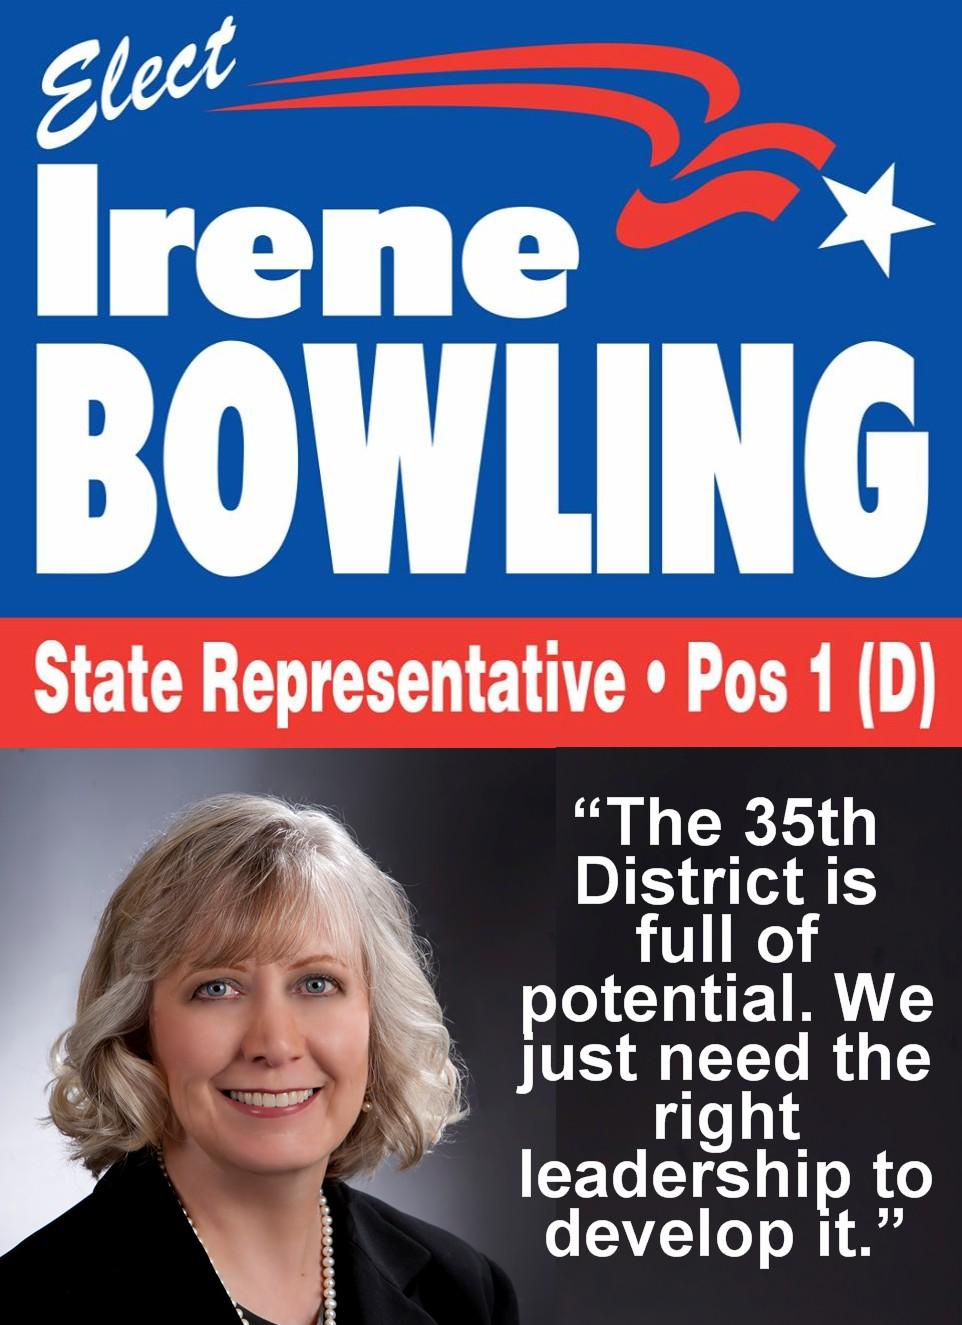 Irene Bowling